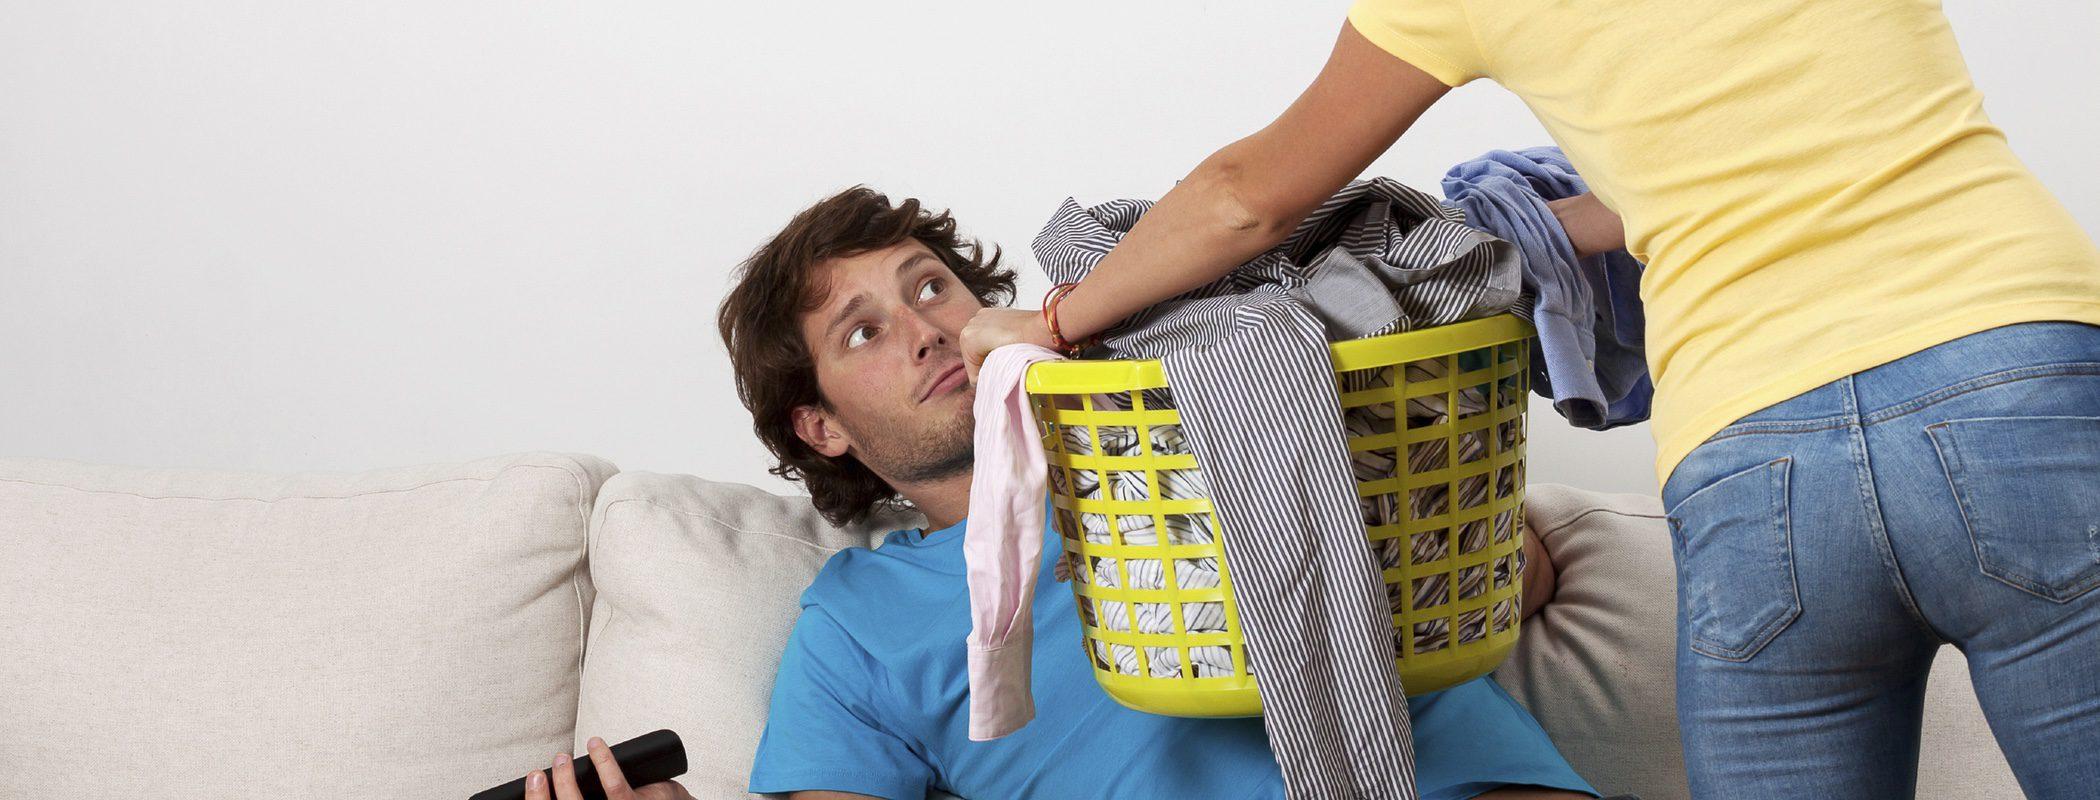 Problemas más frecuentes en una pareja